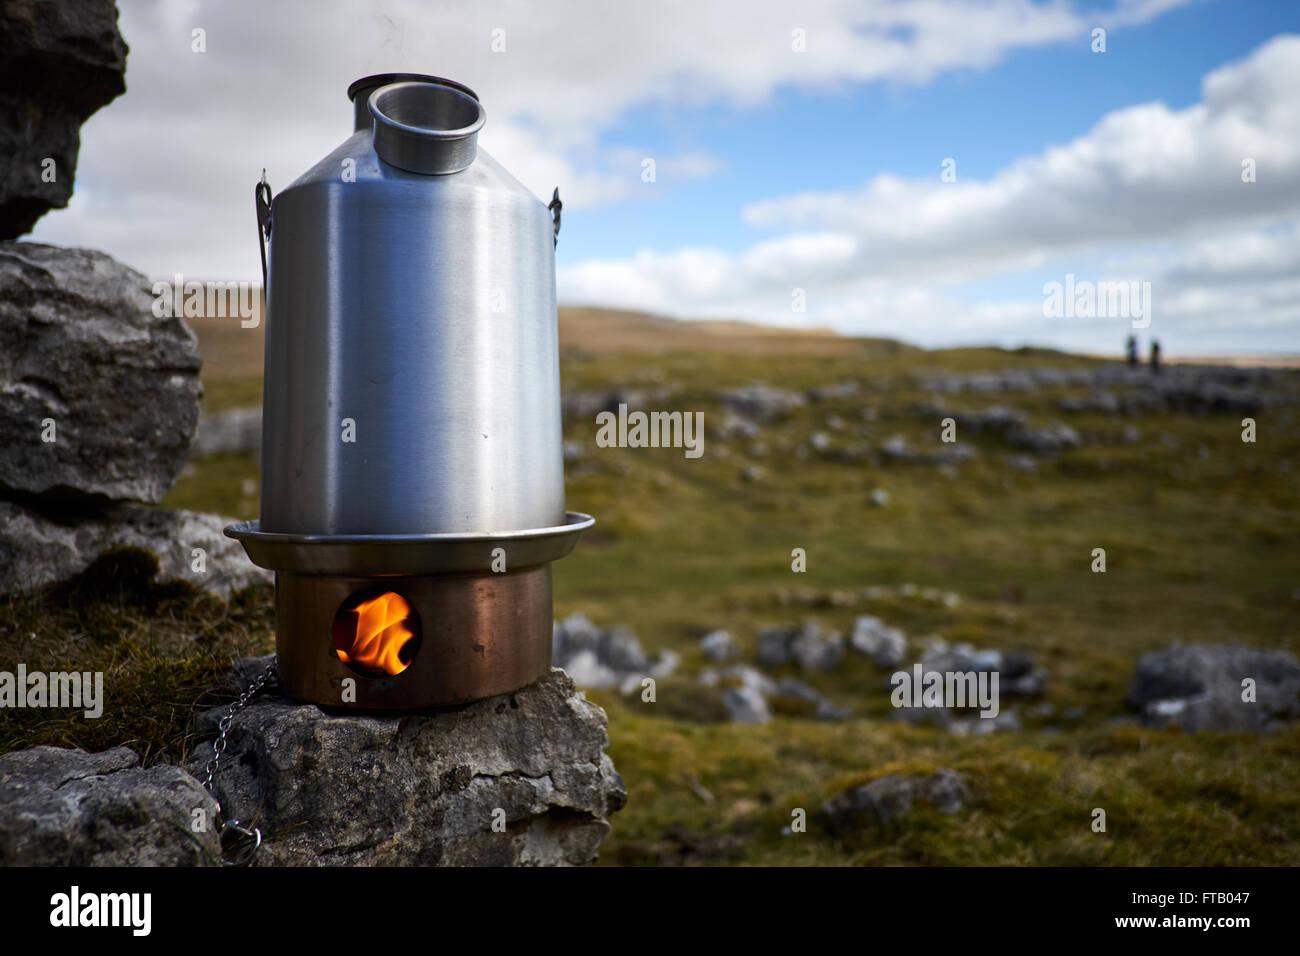 Un bollitore stufa burning mostra fiamme nella scatola di fuoco seduto su una roccia con rock e di erba in background. Immagini Stock